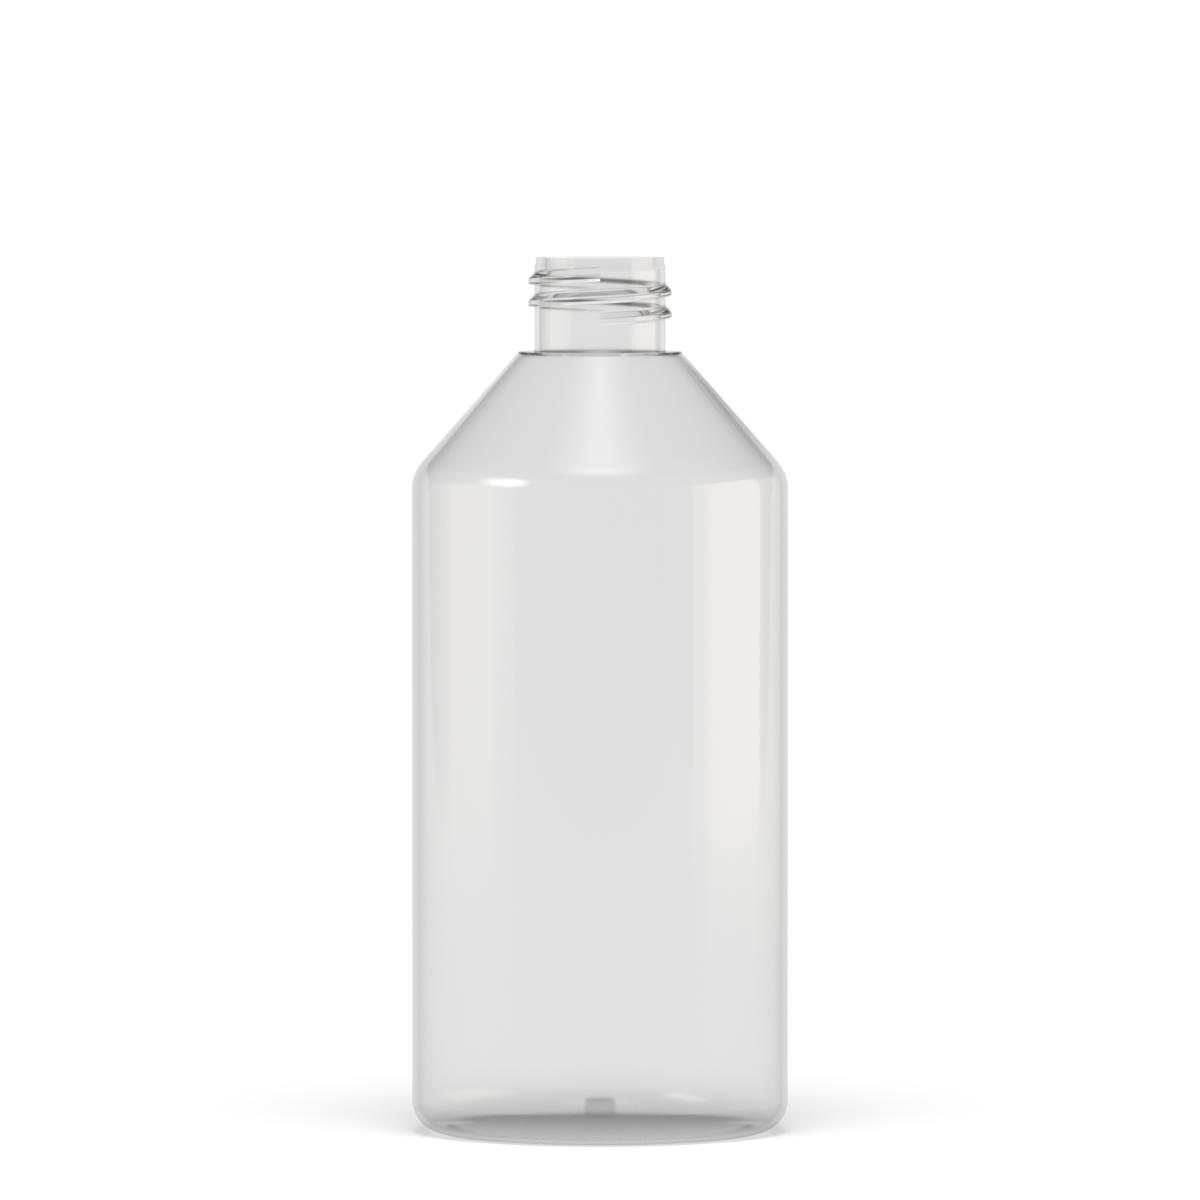 Flacone cilindrico spalla conica 500 ml PETG, collo 28/410, linea MANHATTAN